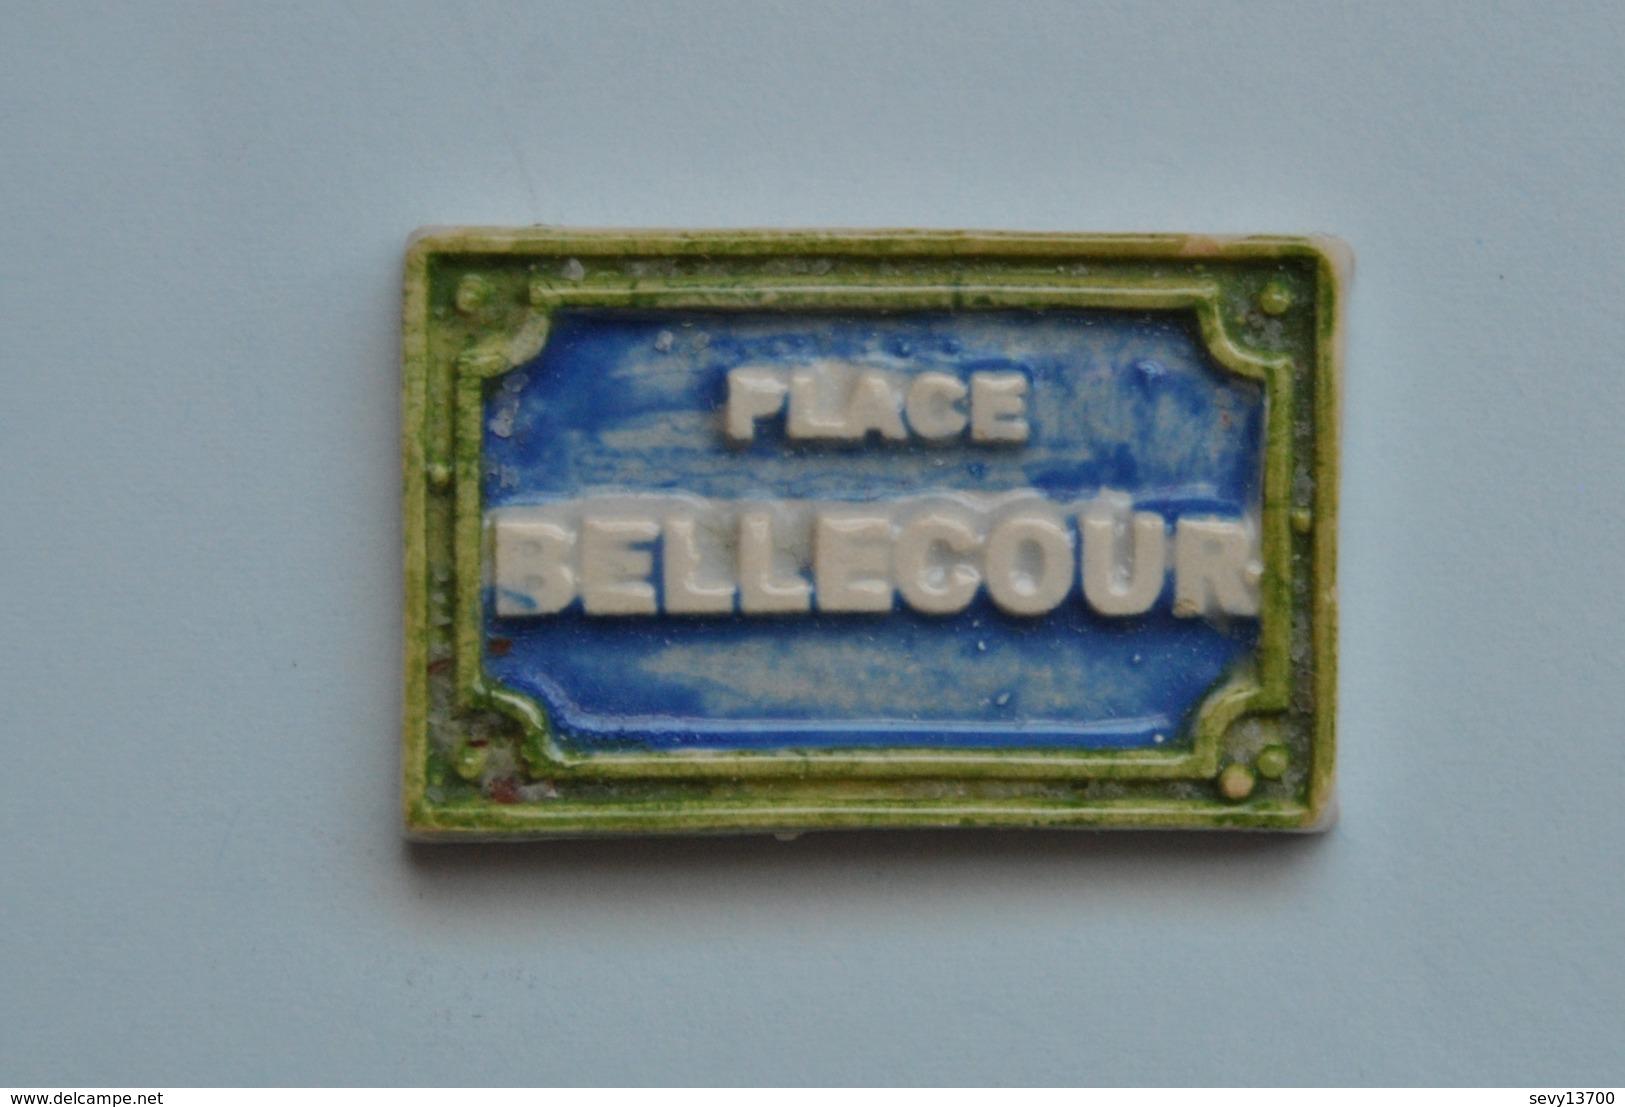 Fève  - Plaque De Nom De Rue - Place Bellecour - Hadas (sorpresas)